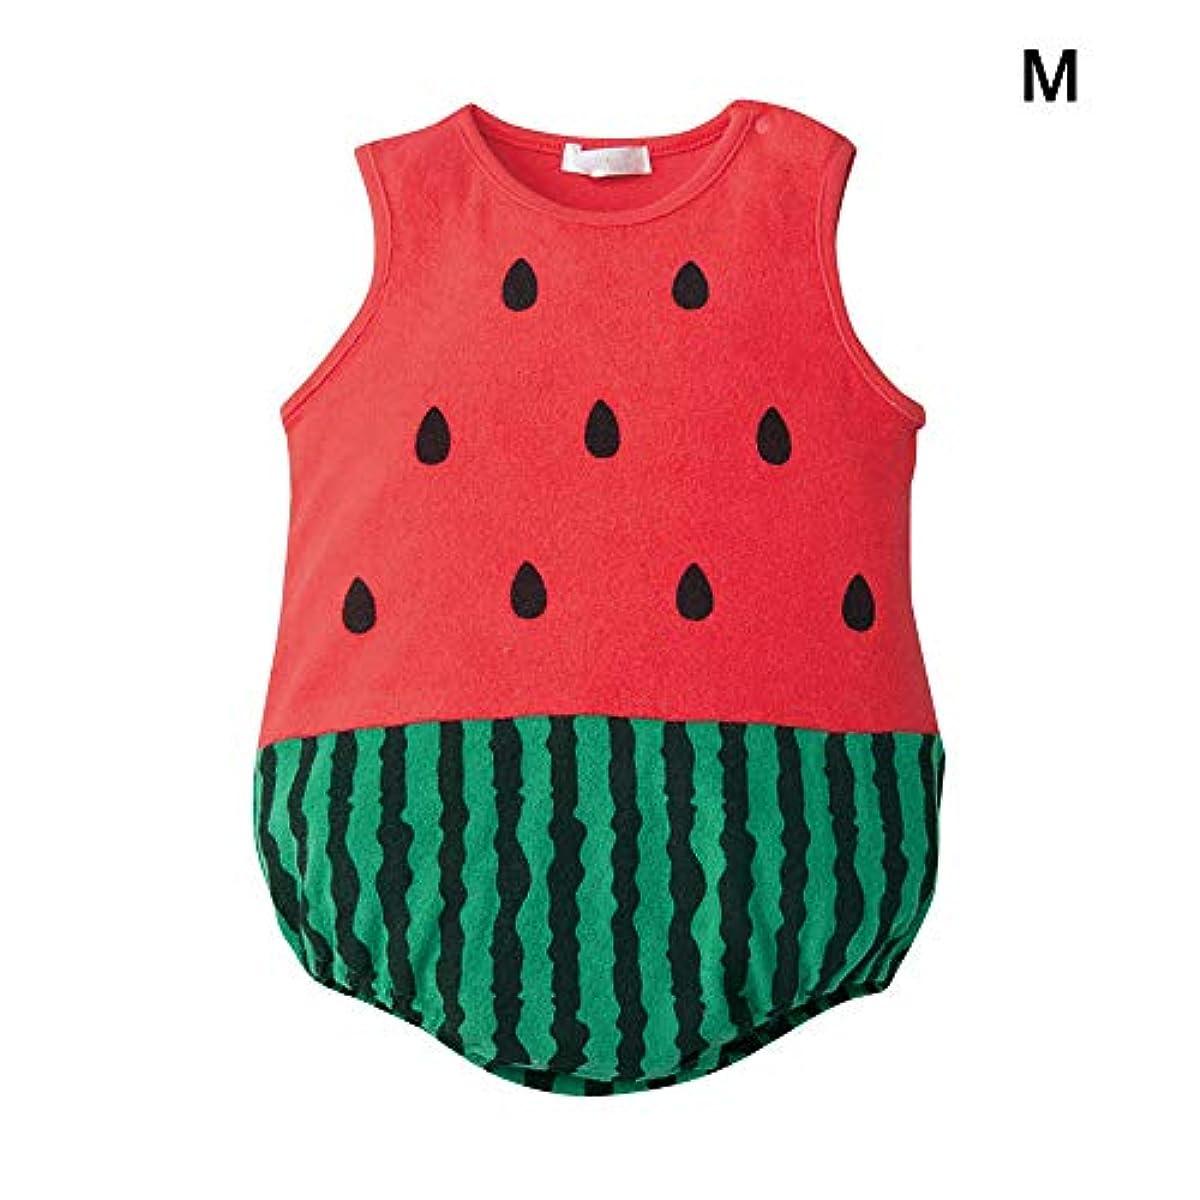 底筋抵抗BELUPAI 可愛い ロンパース カバーオール ベビー服 ノースリーブ コスチューム 肌着パジャマ 着替え便利 柔らかい 100%コットン スイカ 出産祝い プレゼント